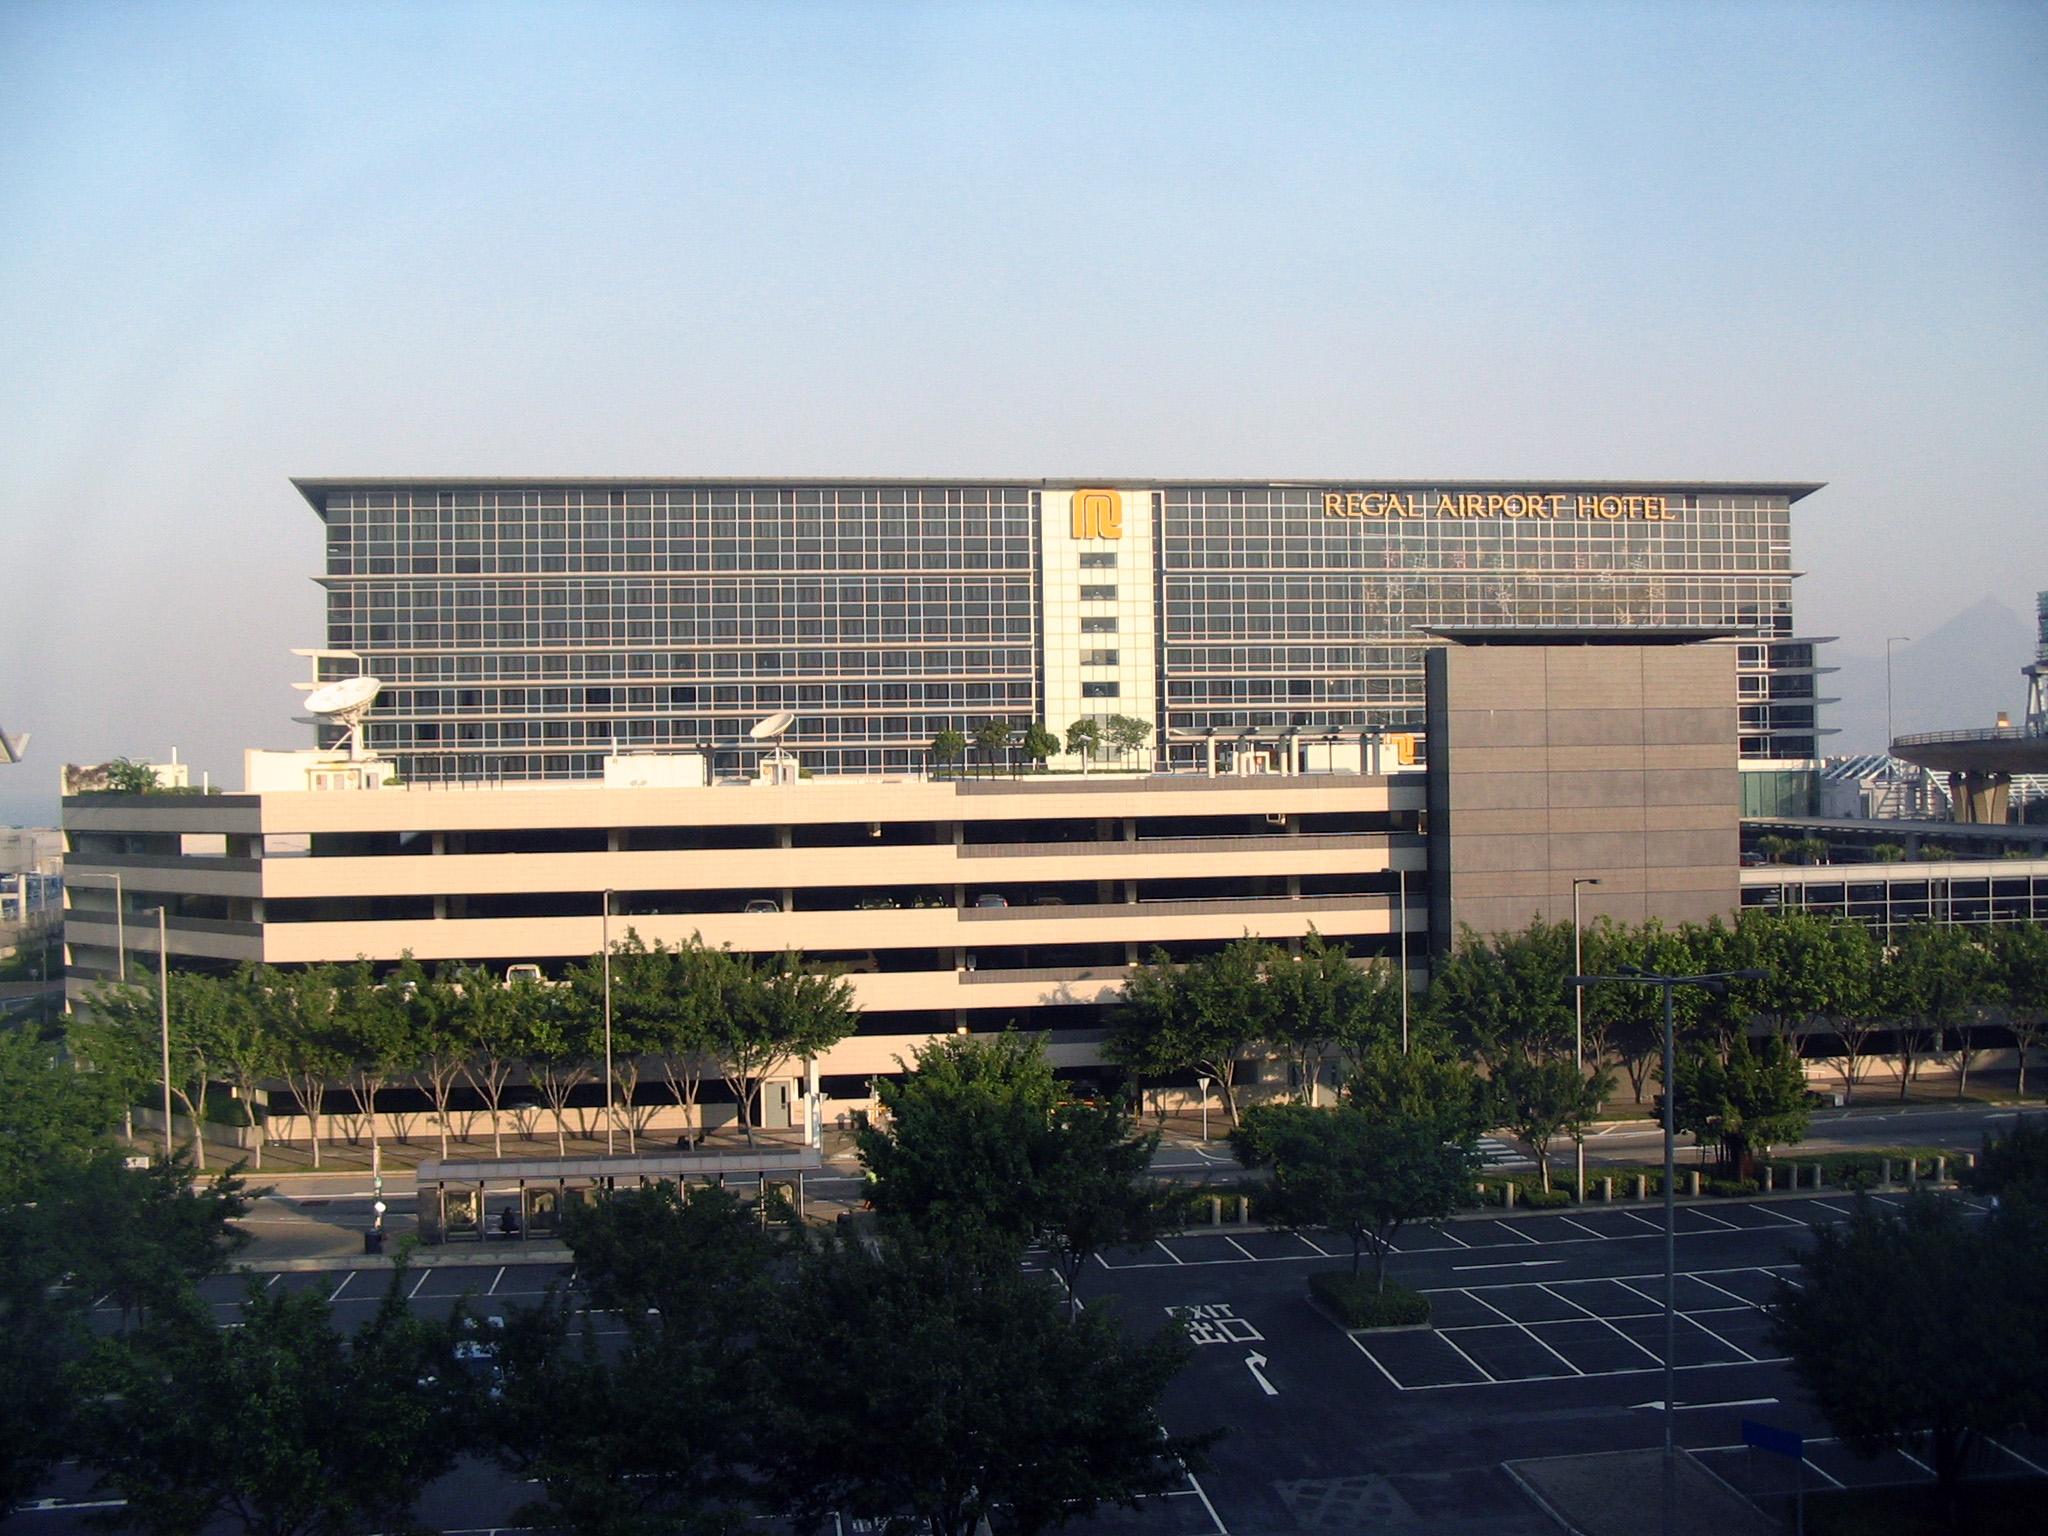 FileRegal Airport Hotel 1jpg